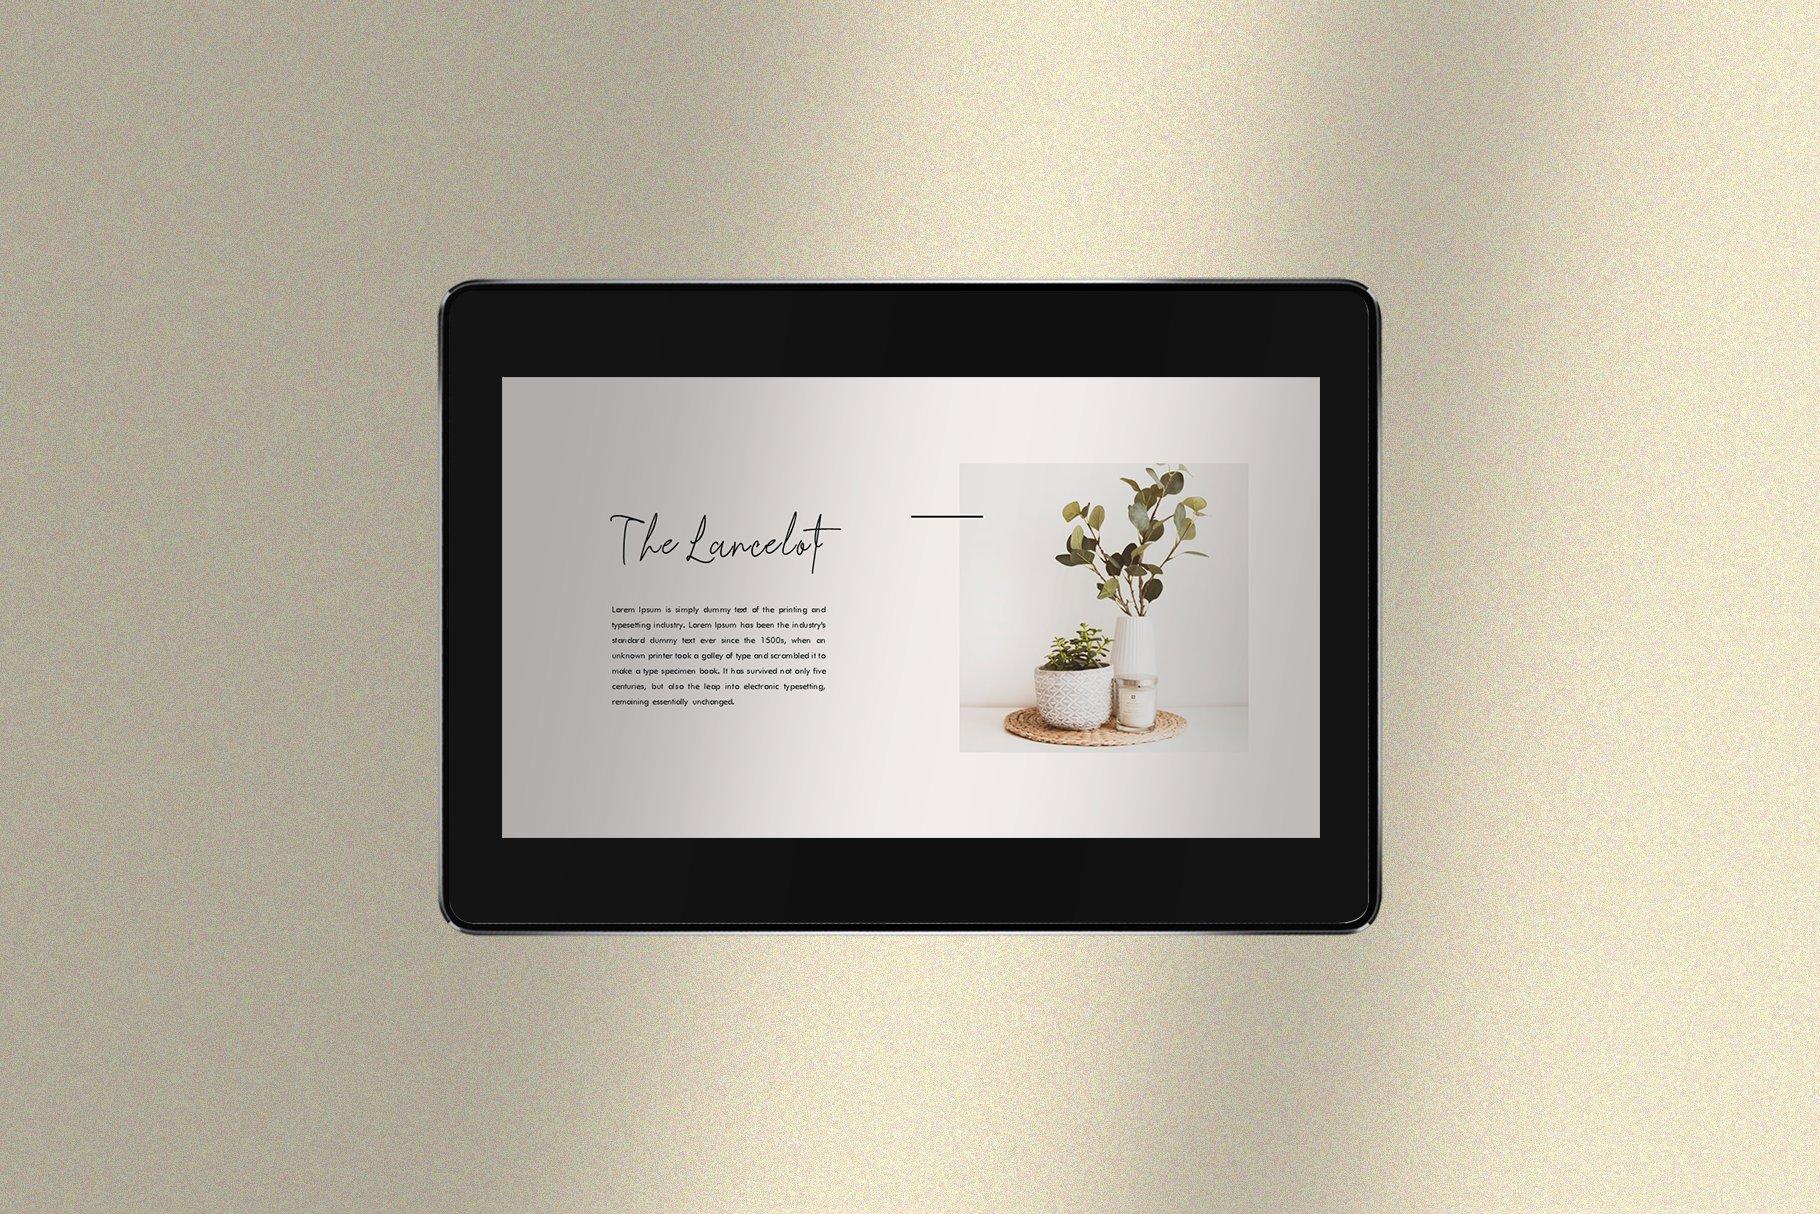 时尚简约女性服装摄影作品集PPT幻灯片模板 Lancelot Presentation Template插图(2)